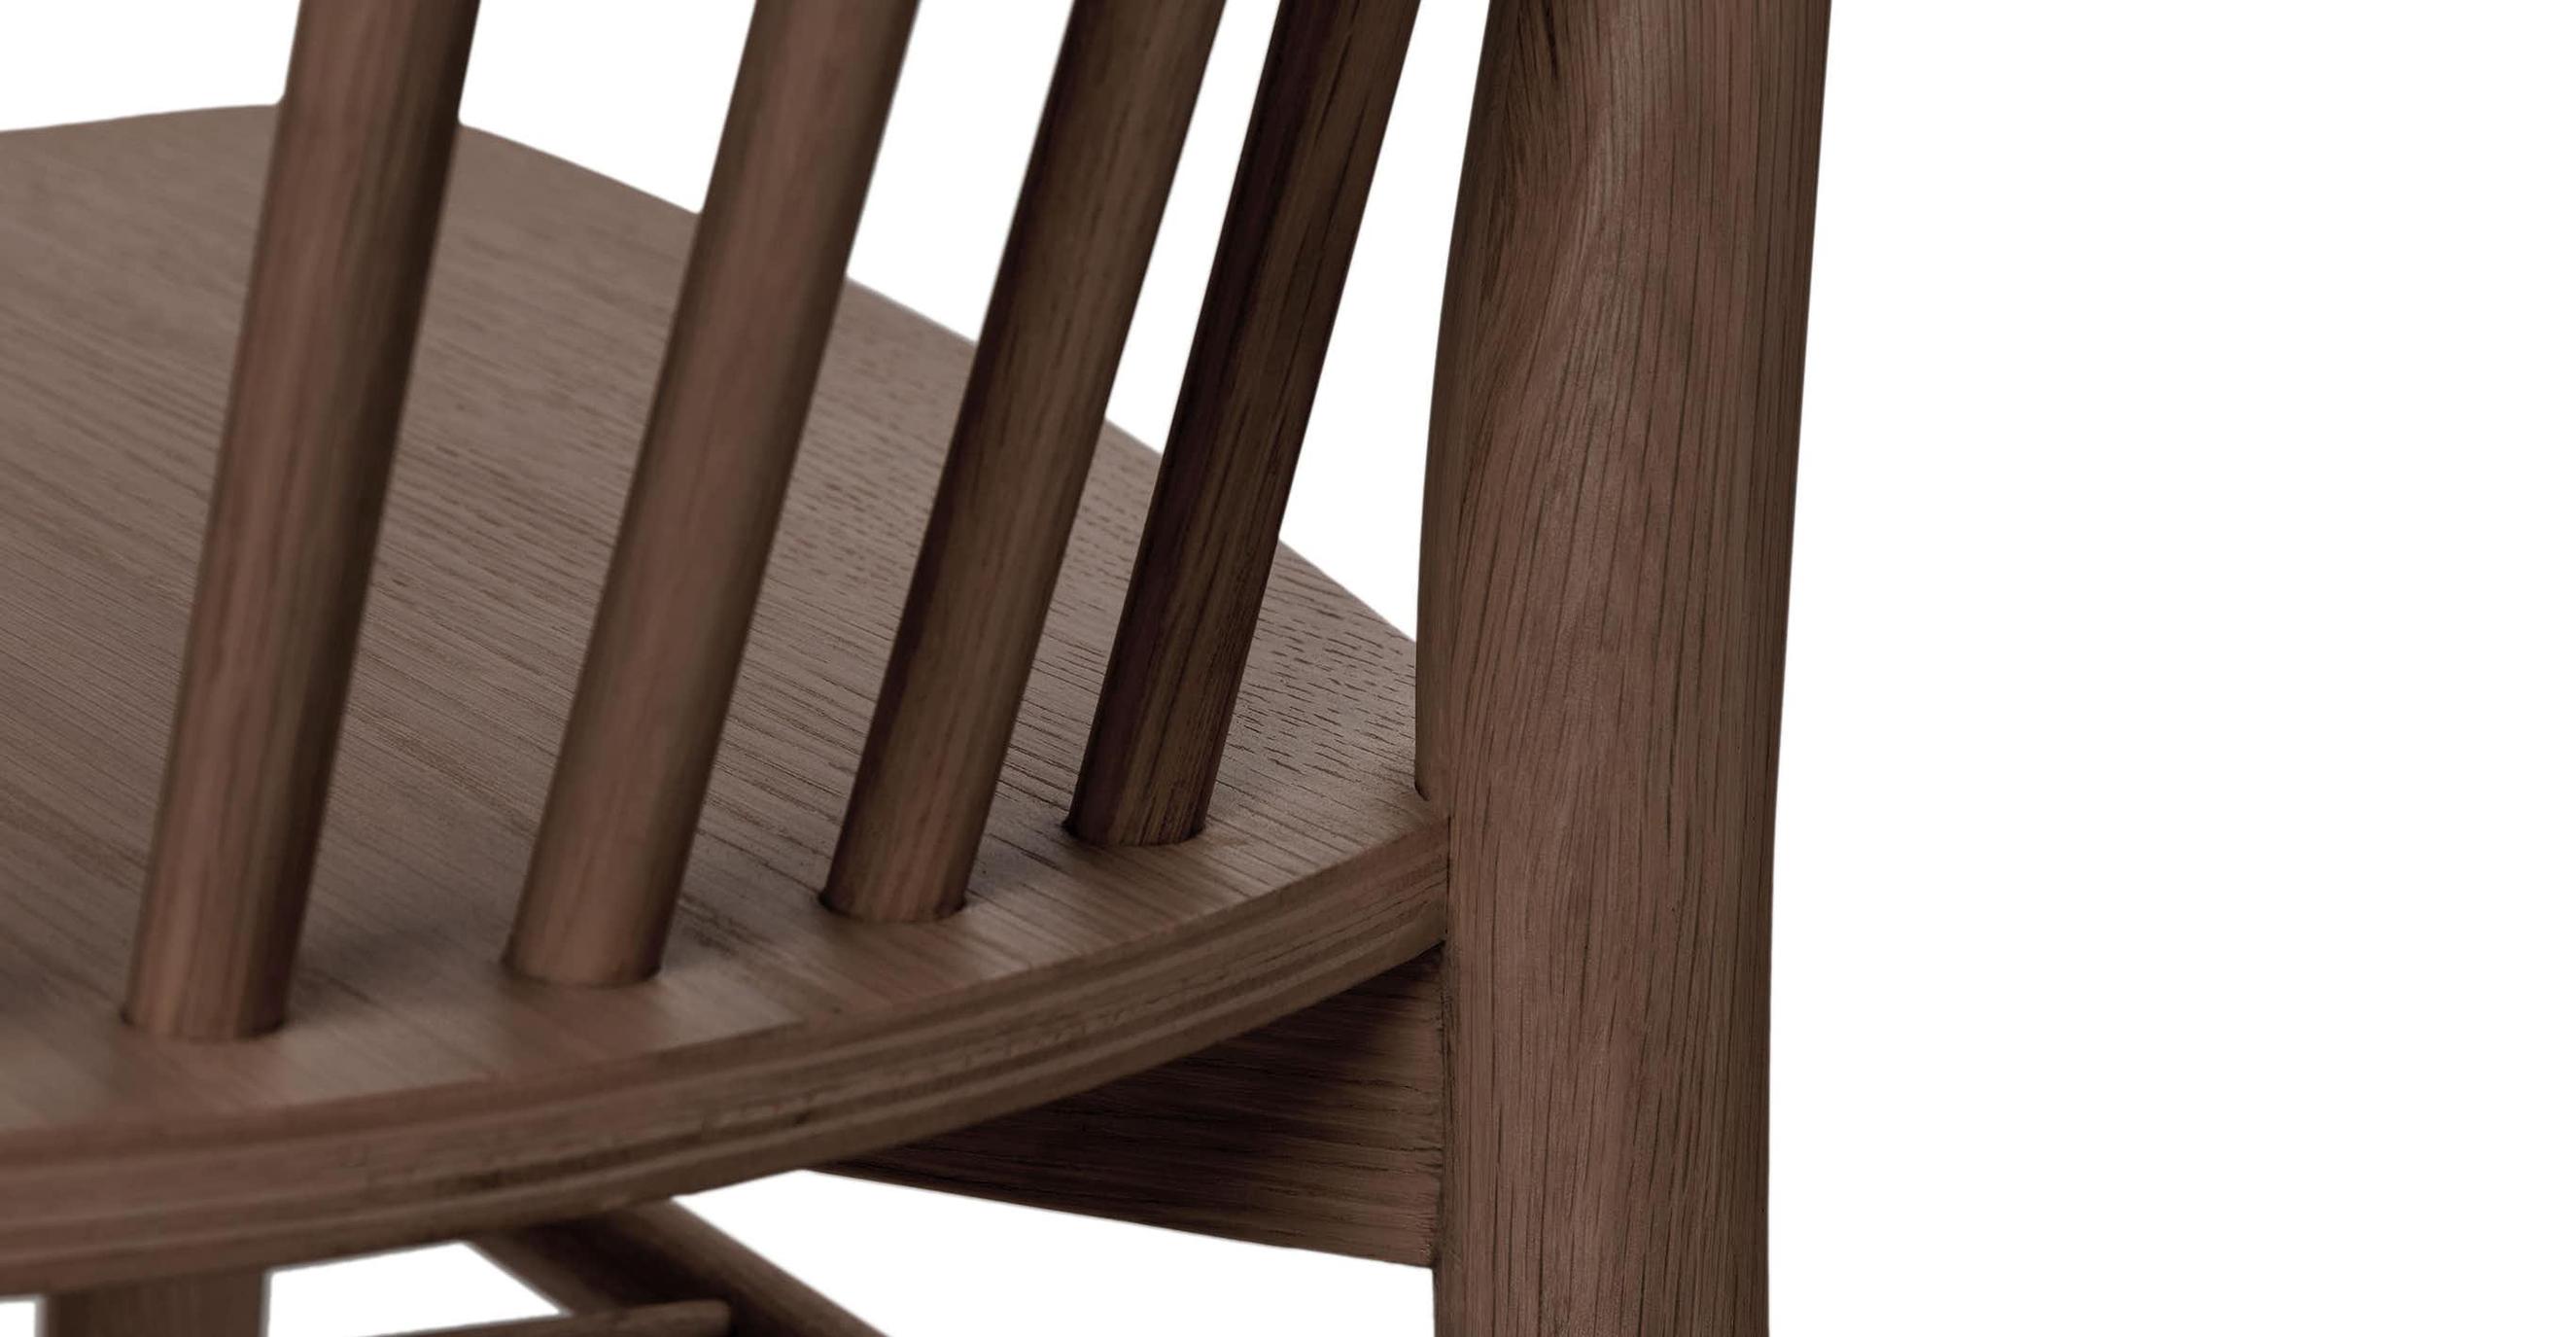 Ghế ăn gỗ tự nhiên Requin DC Sketch xuất khẩu19/32